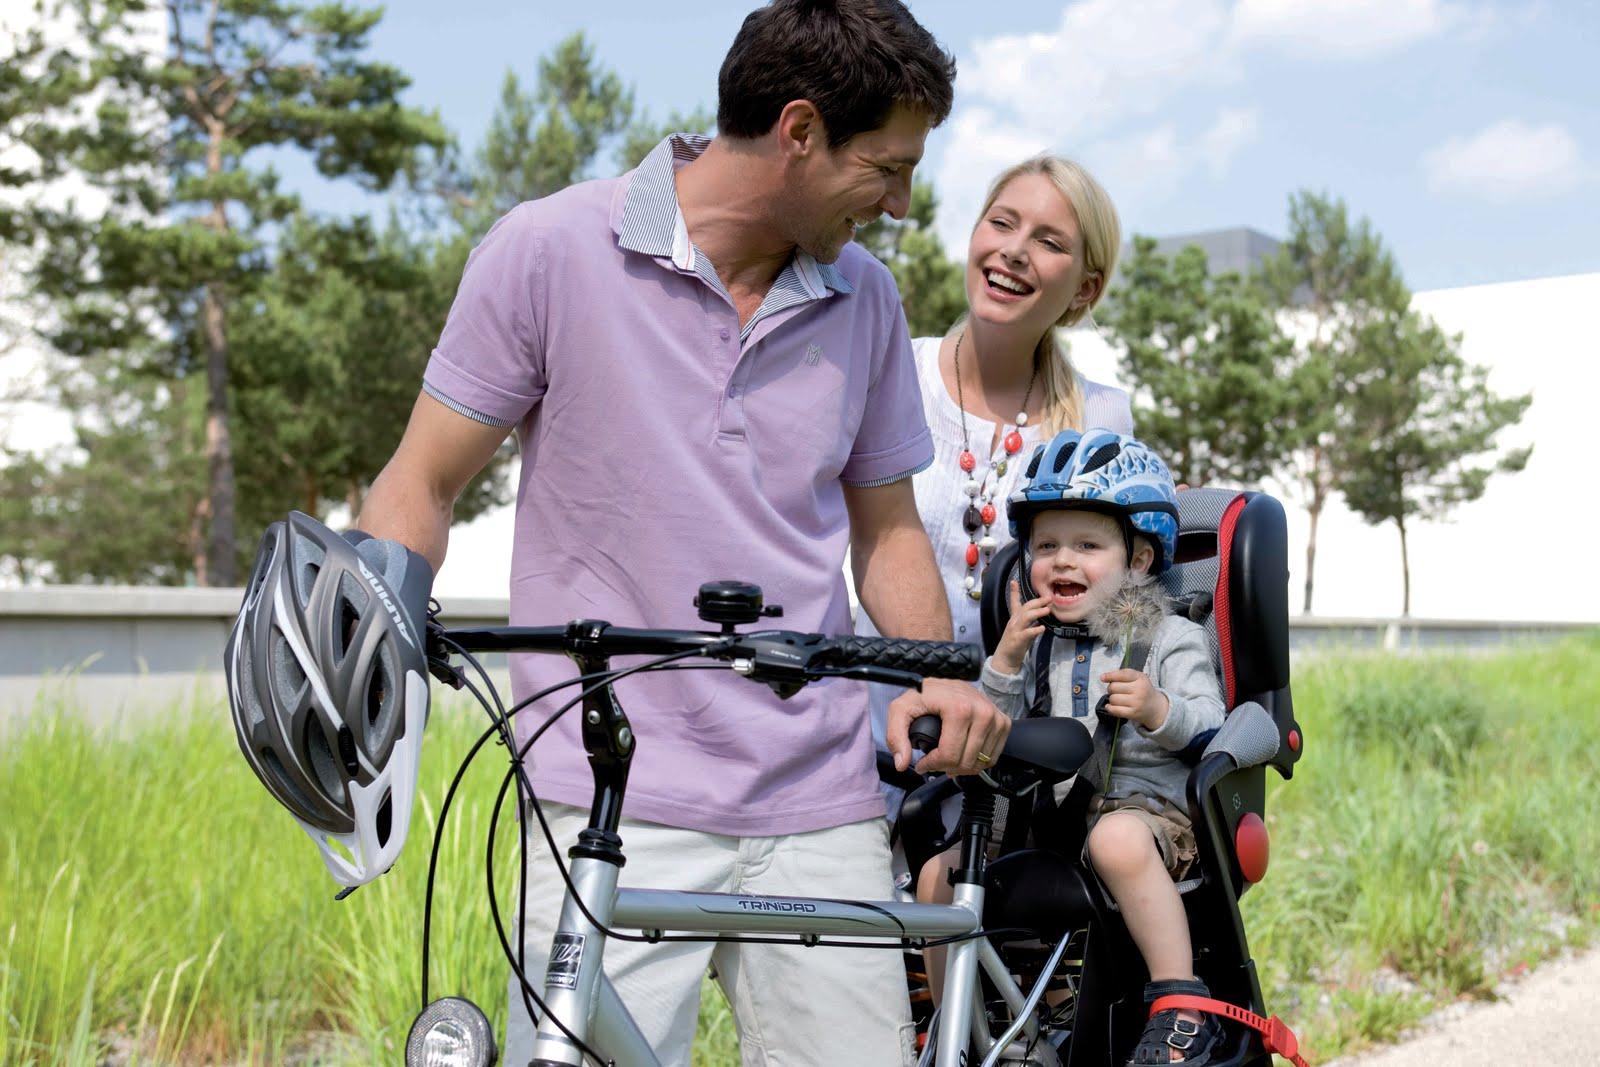 Sobre esas sillitas para llevar en tu bici a los niños pequeños